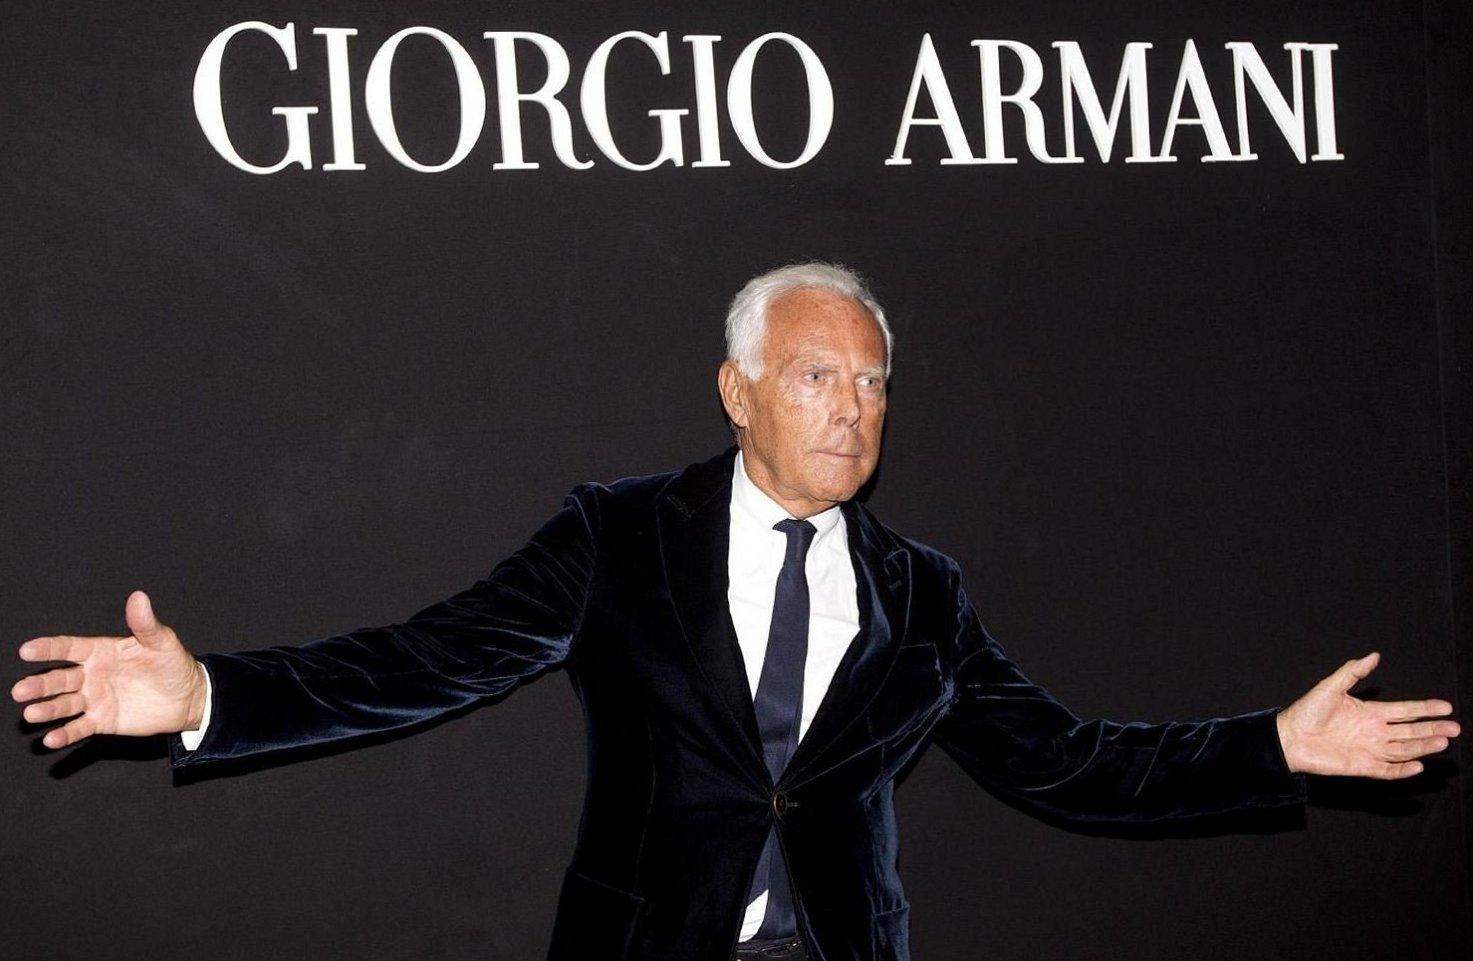 Влияние Джорджо Армани на мировую моду